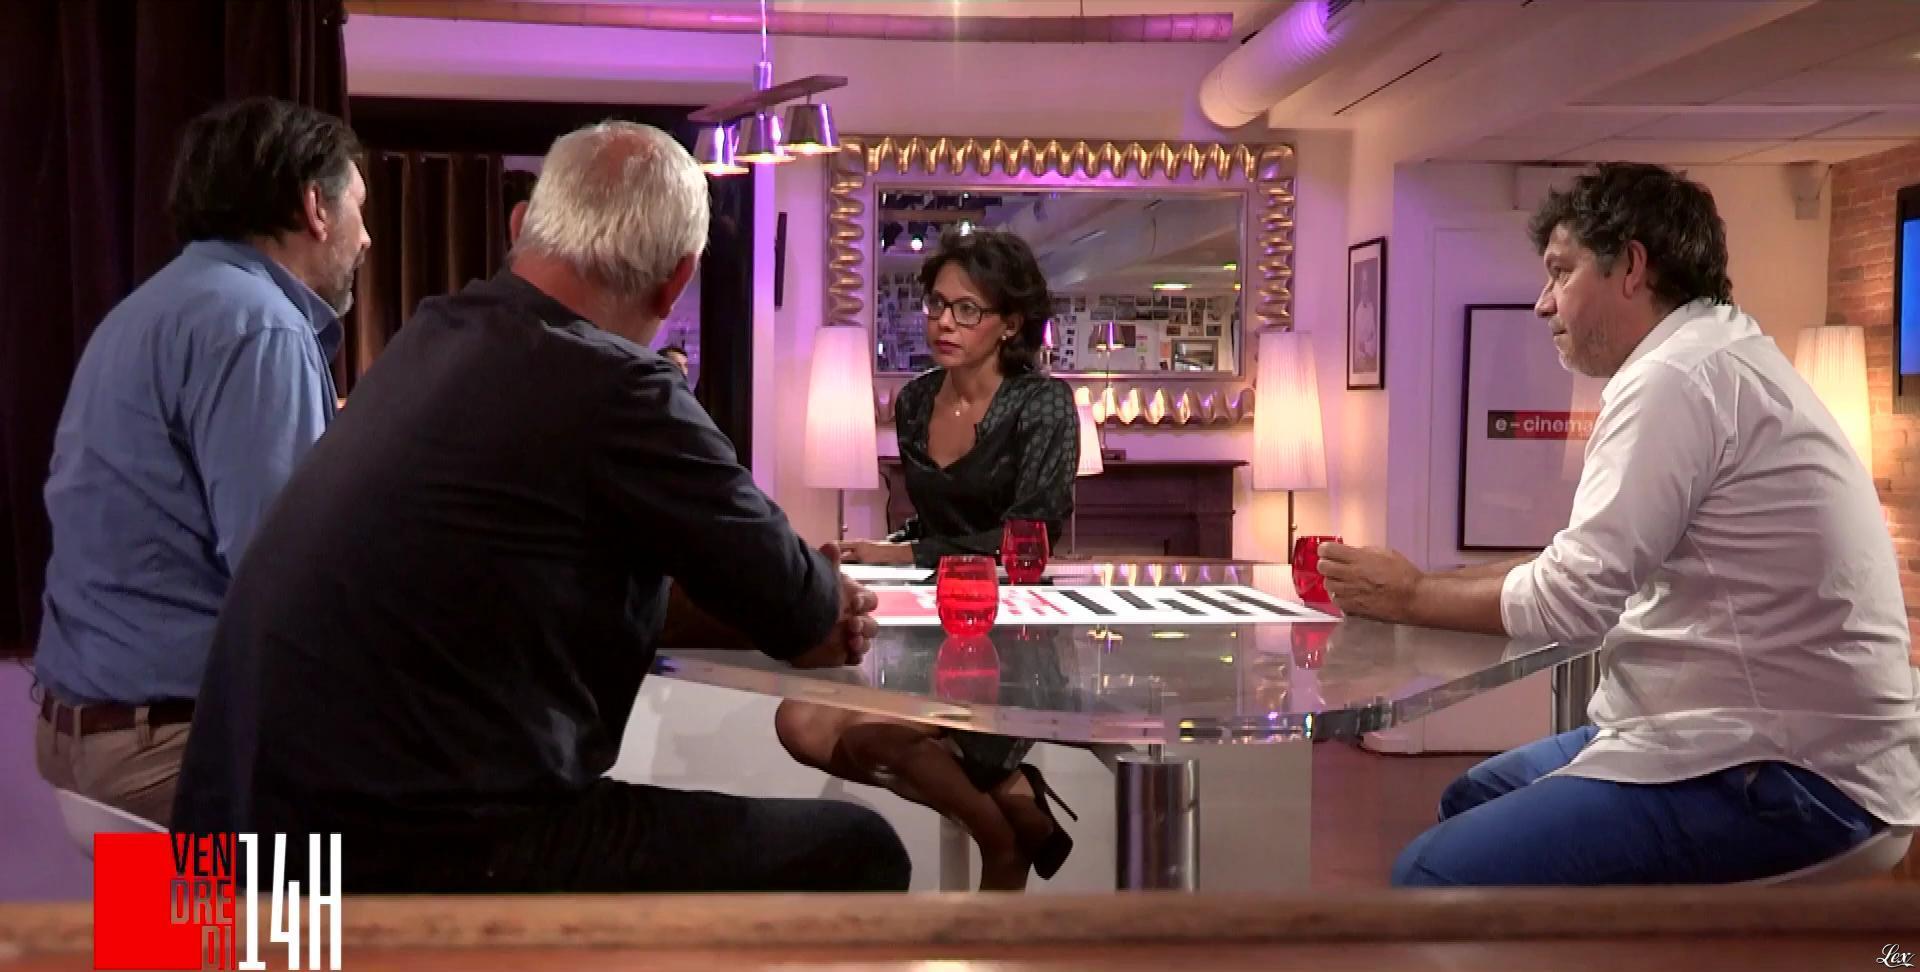 Audrey Pulvar dans Vendredi 14h. Diffusé à la télévision le 28/09/18.